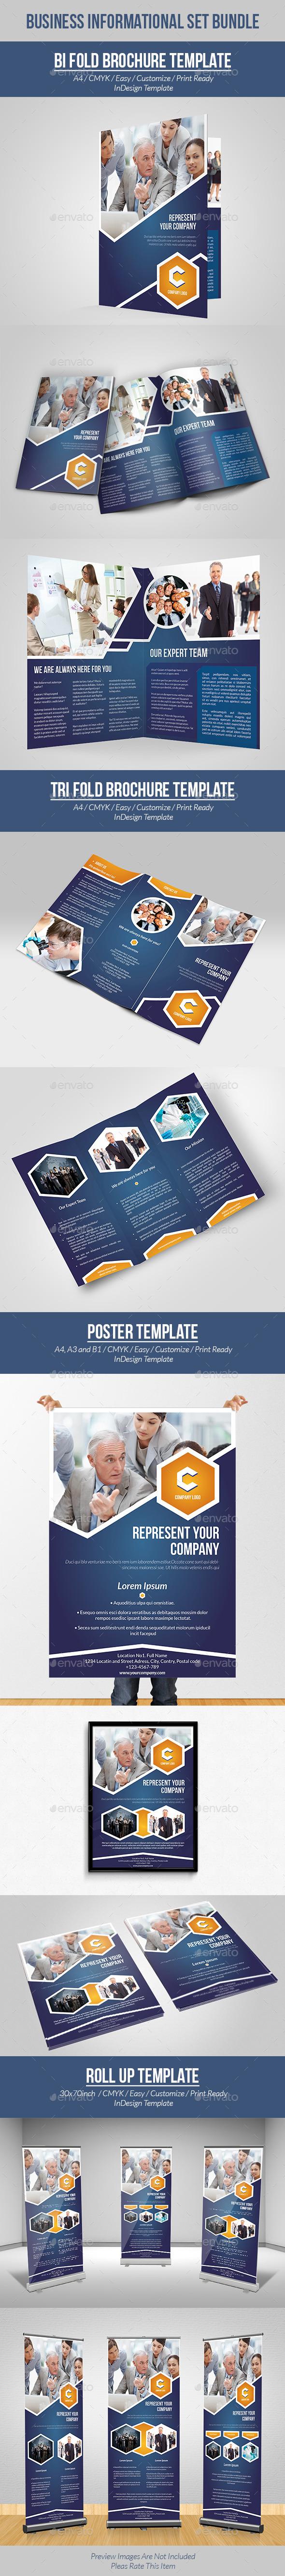 Business Informational Set Bundle - Informational Brochures